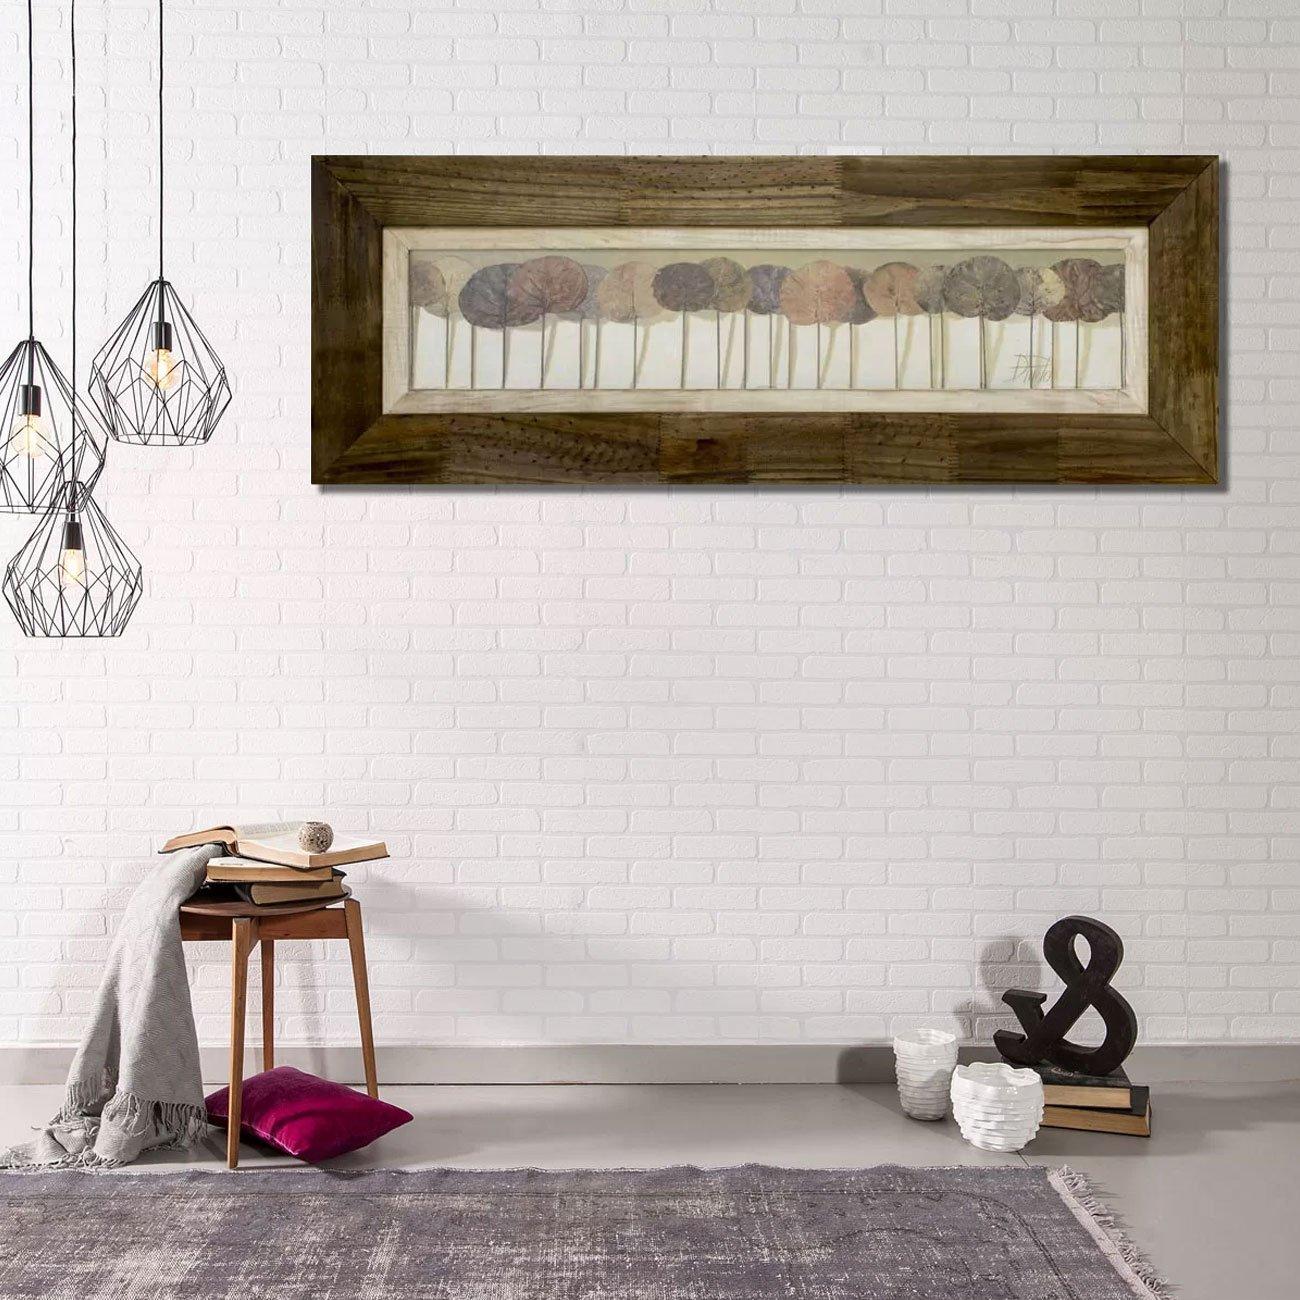 Quadro Decorativo Estilo Rústico Folhas Leaves Show 110x40cm